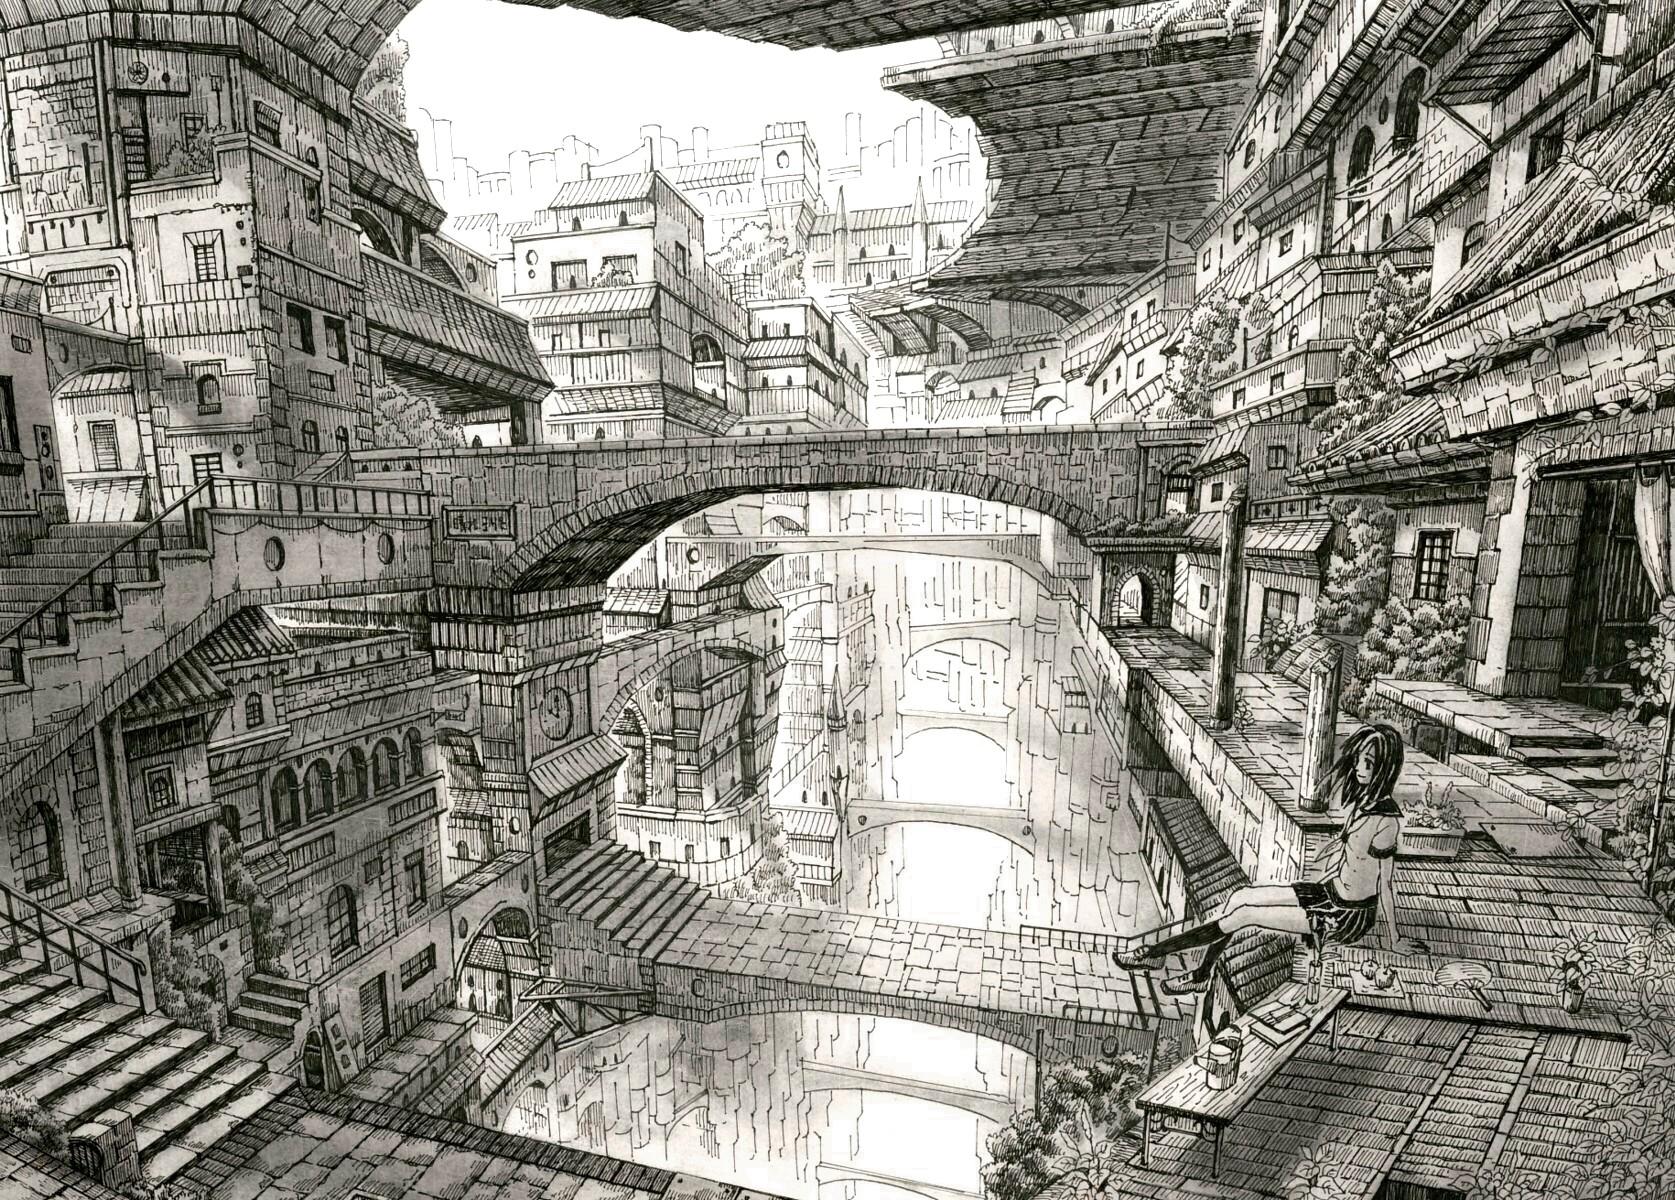 Building mitauzo monochrome original scenic sketch - Sketch anime wallpaper ...